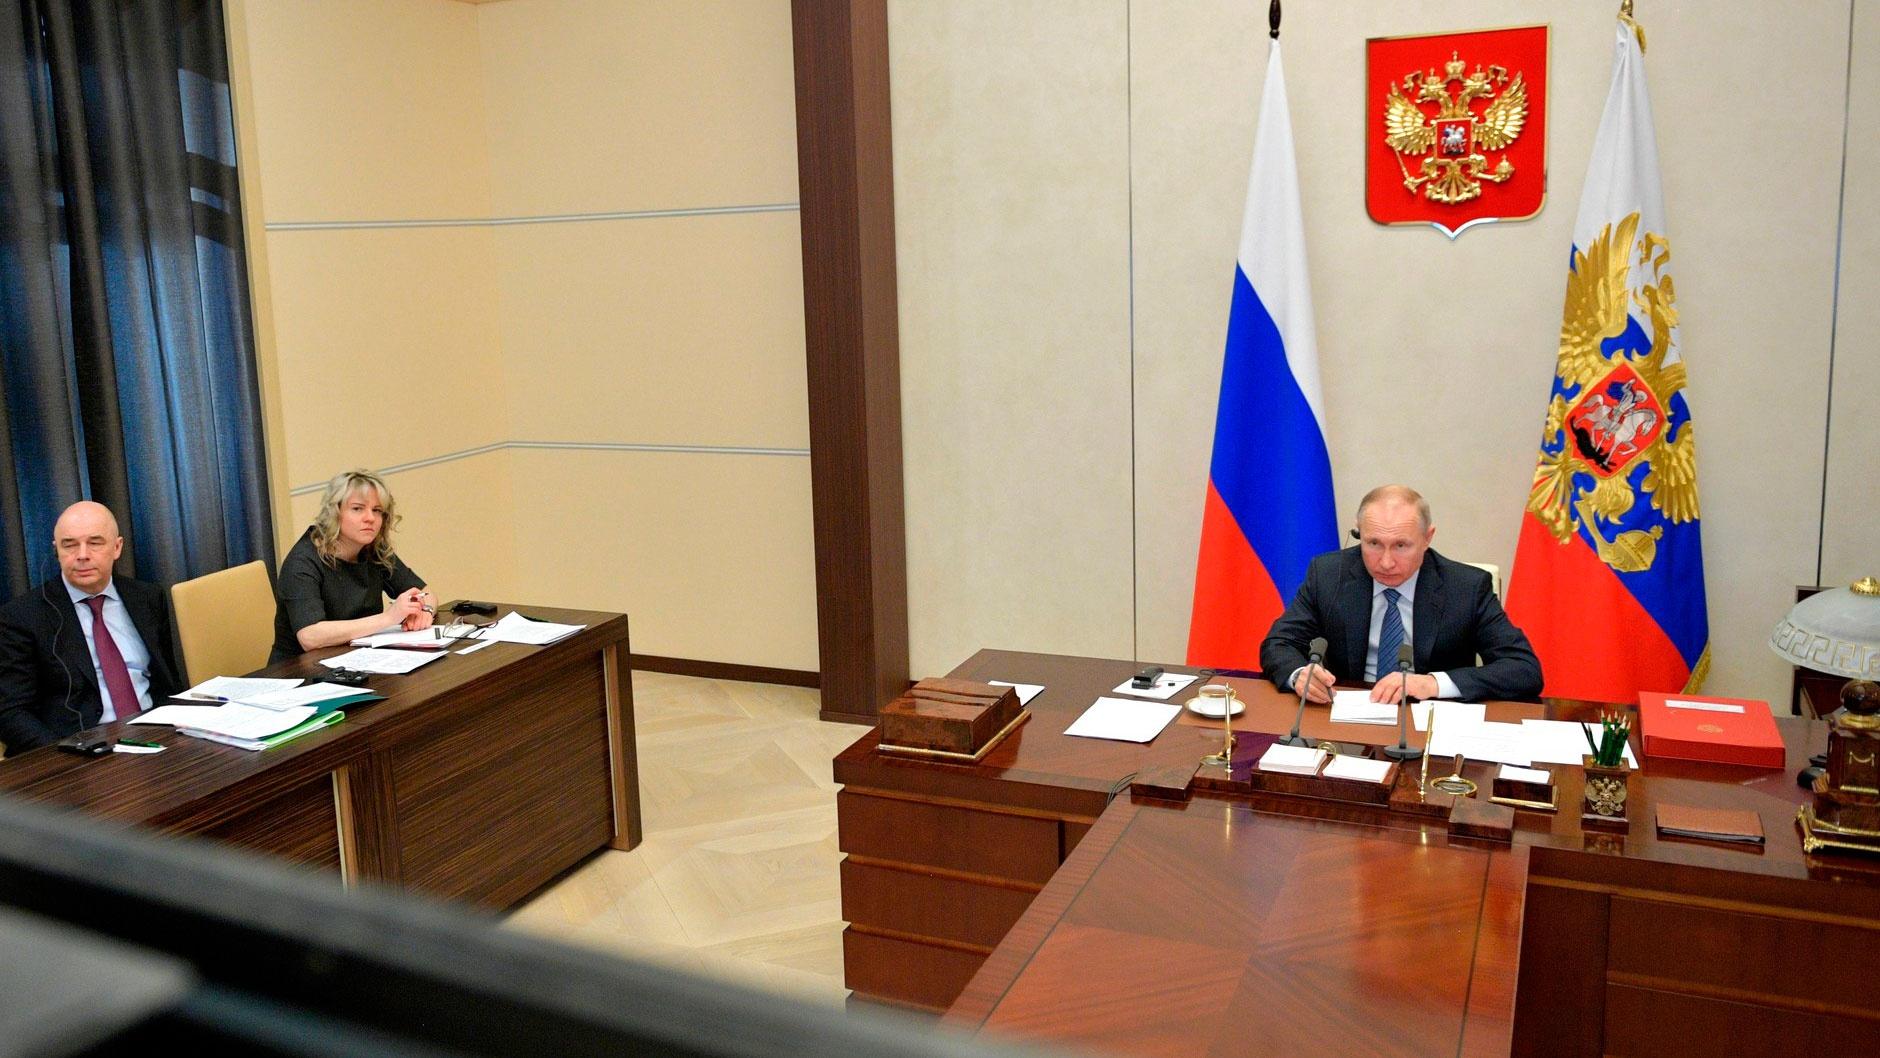 Песков сообщил, что саммиты G20 могут продолжиться в формате видеосвязи